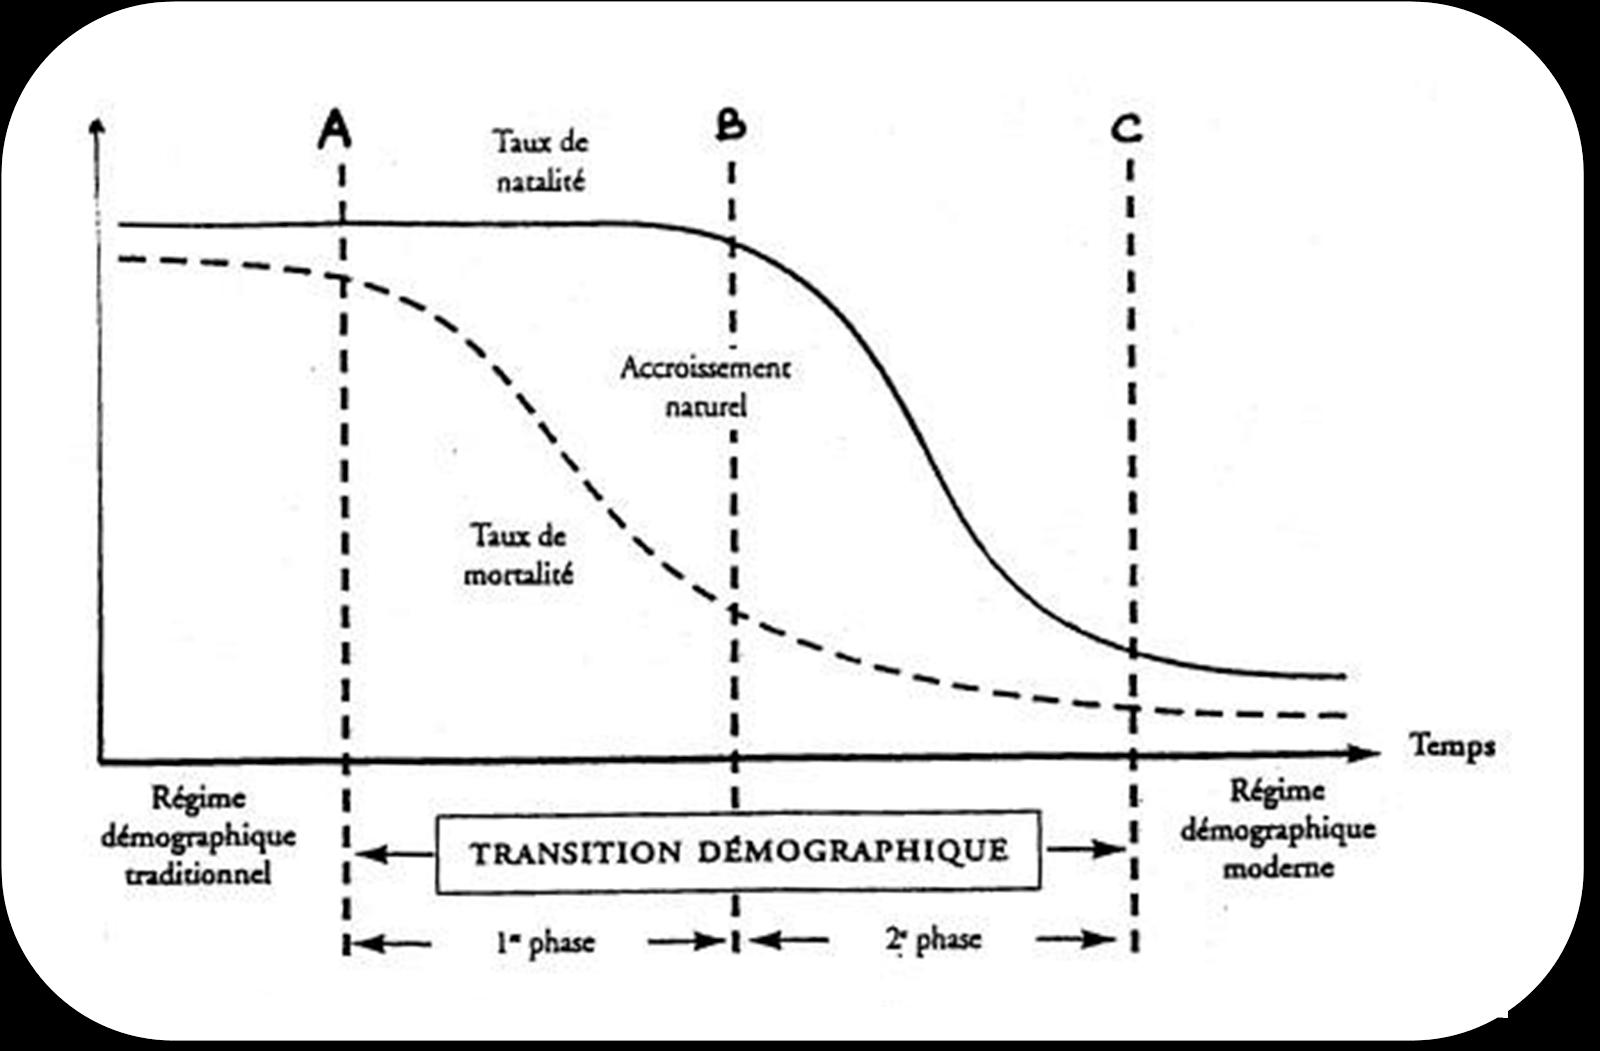 transition démographique.png